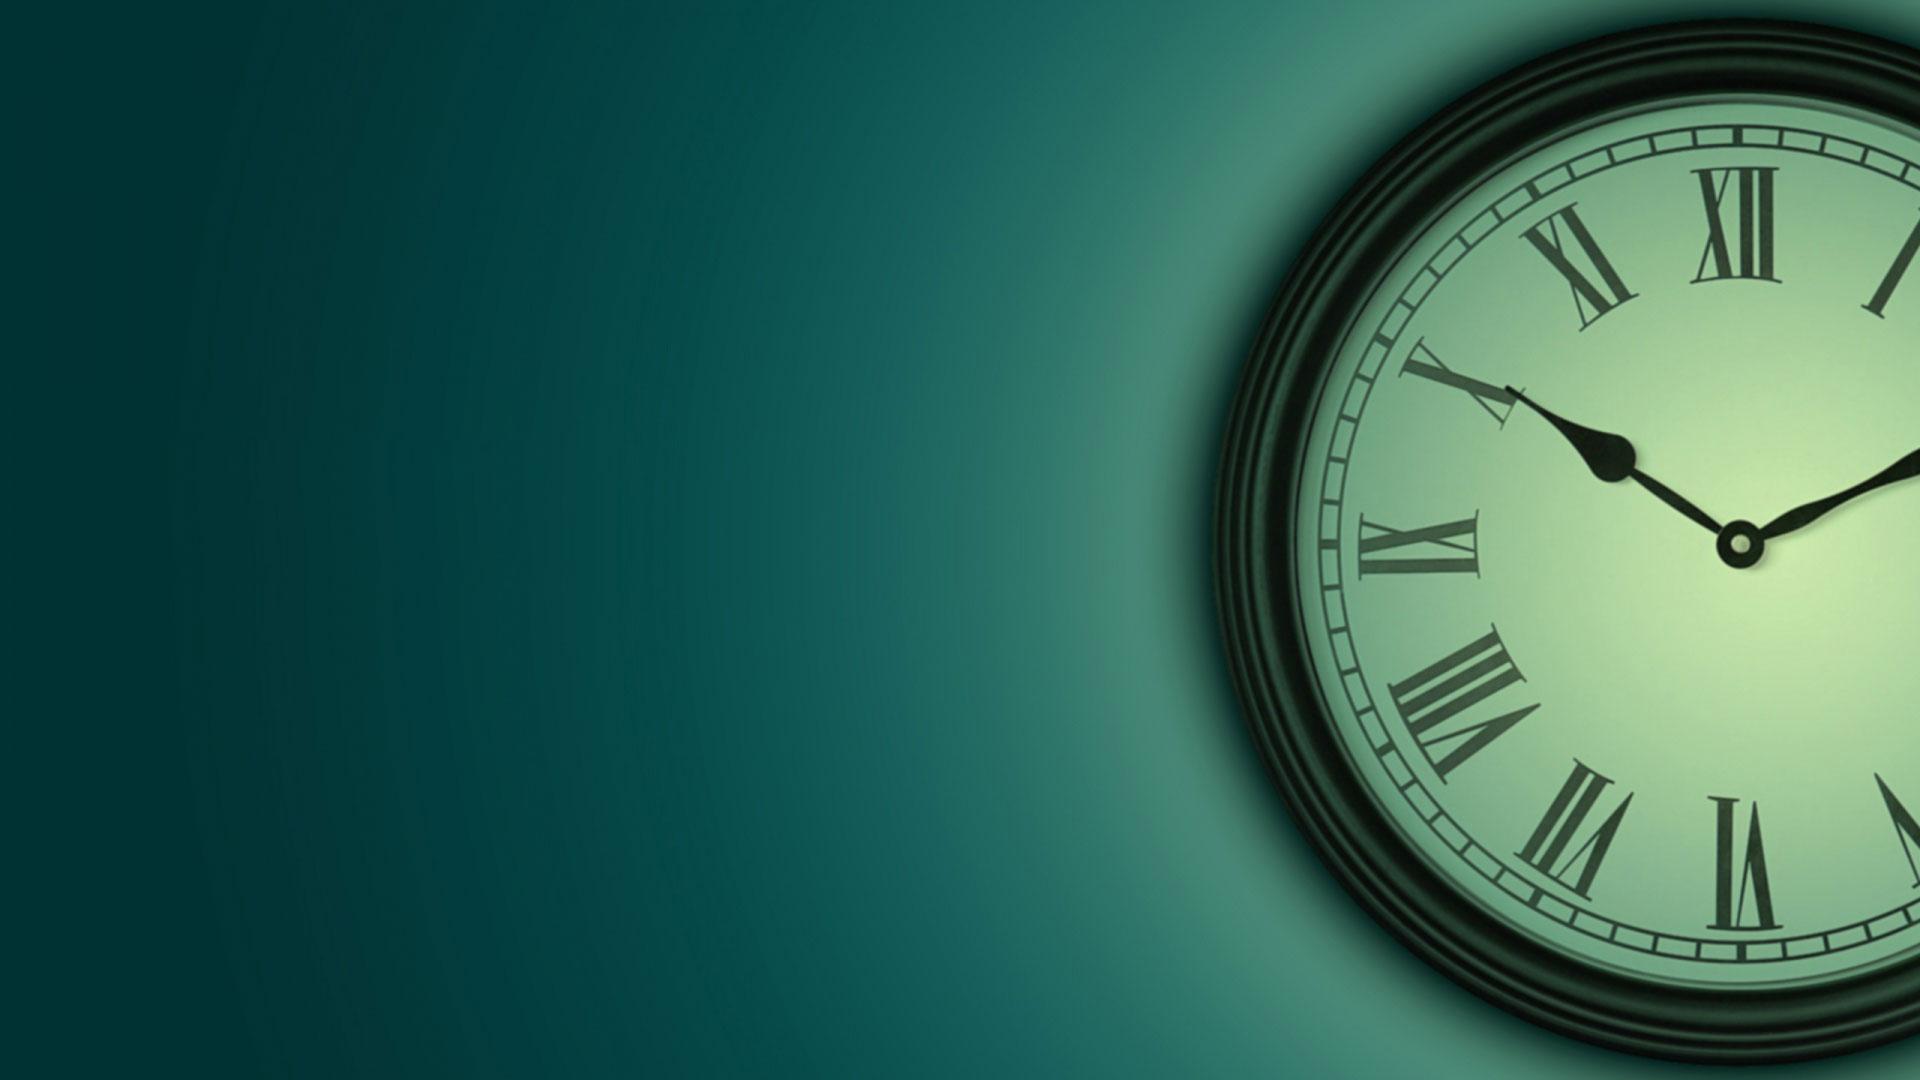 راهنمای خرید ساعت دیواری مدرن و ساعت دیواری سلطنتی